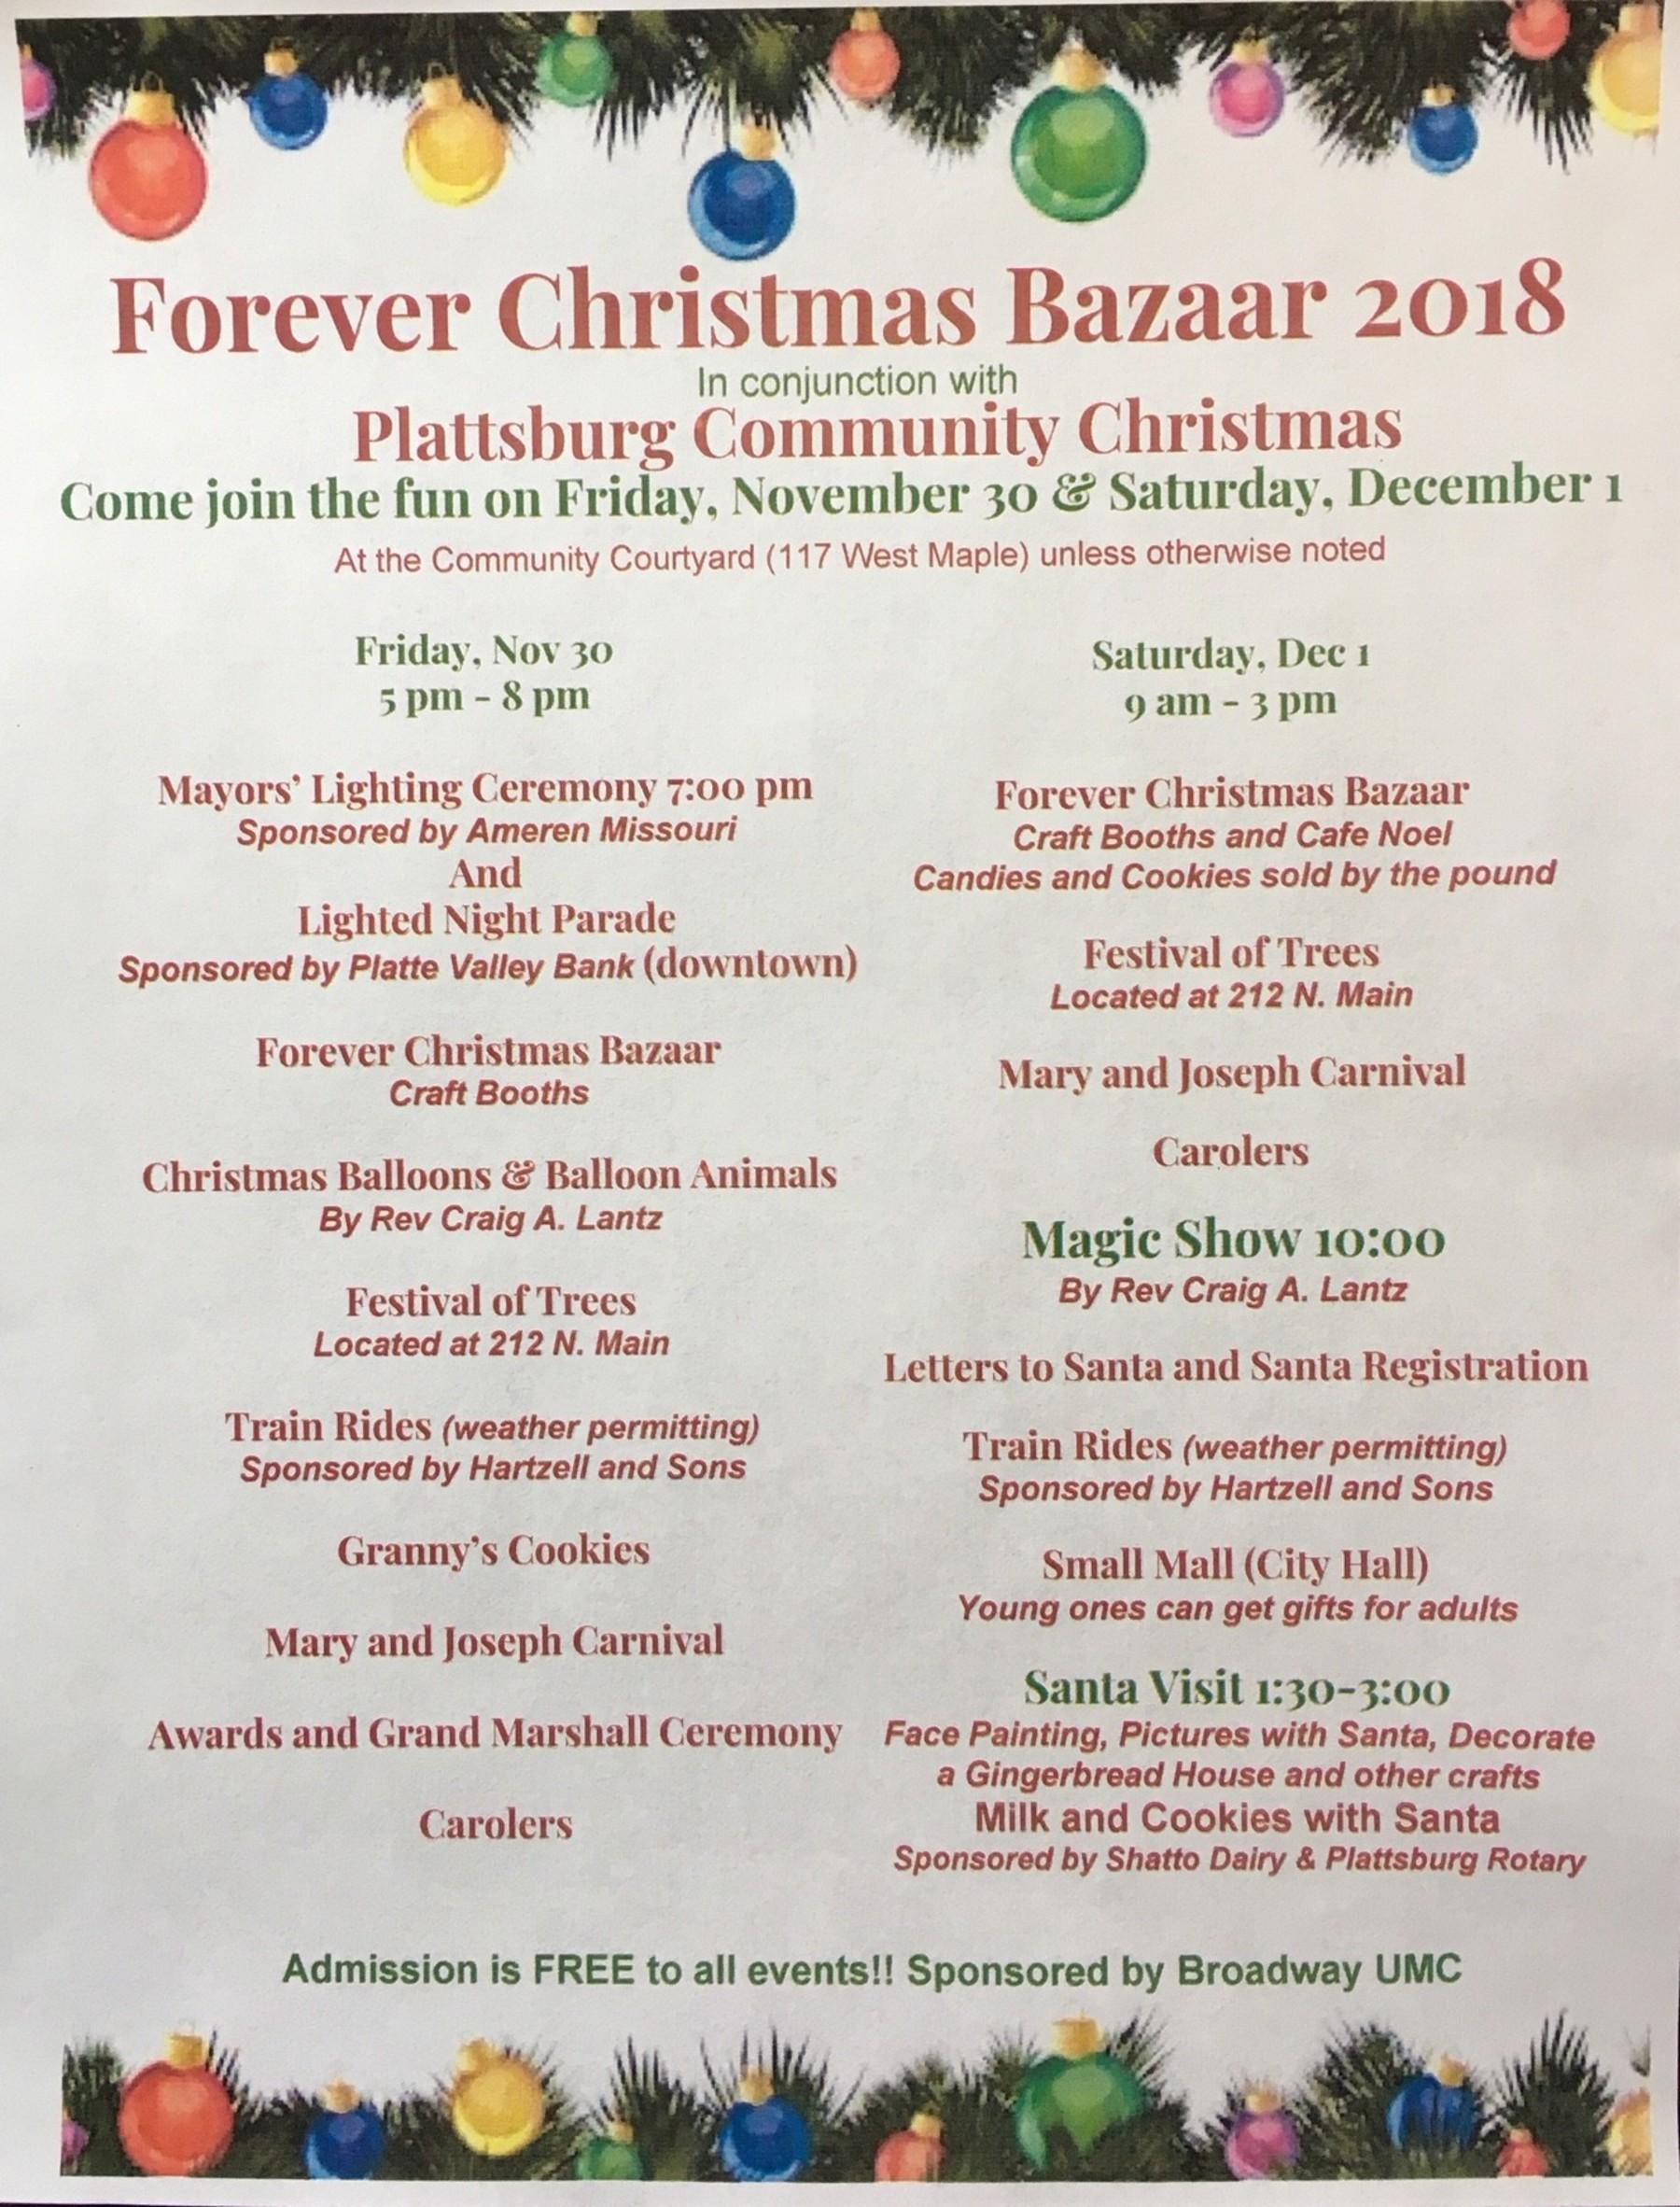 Forever Christmas Bazaar Flyer